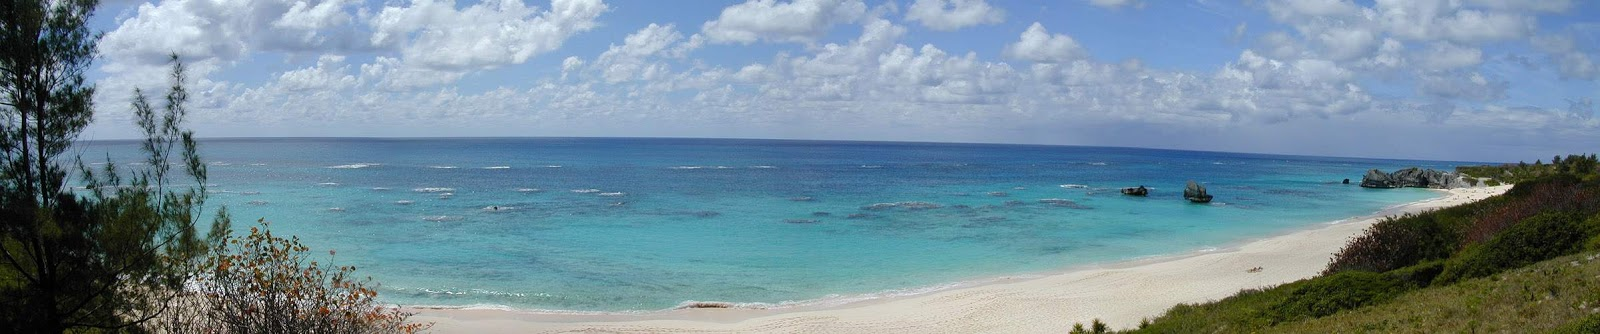 Panoramic tropical beach photos